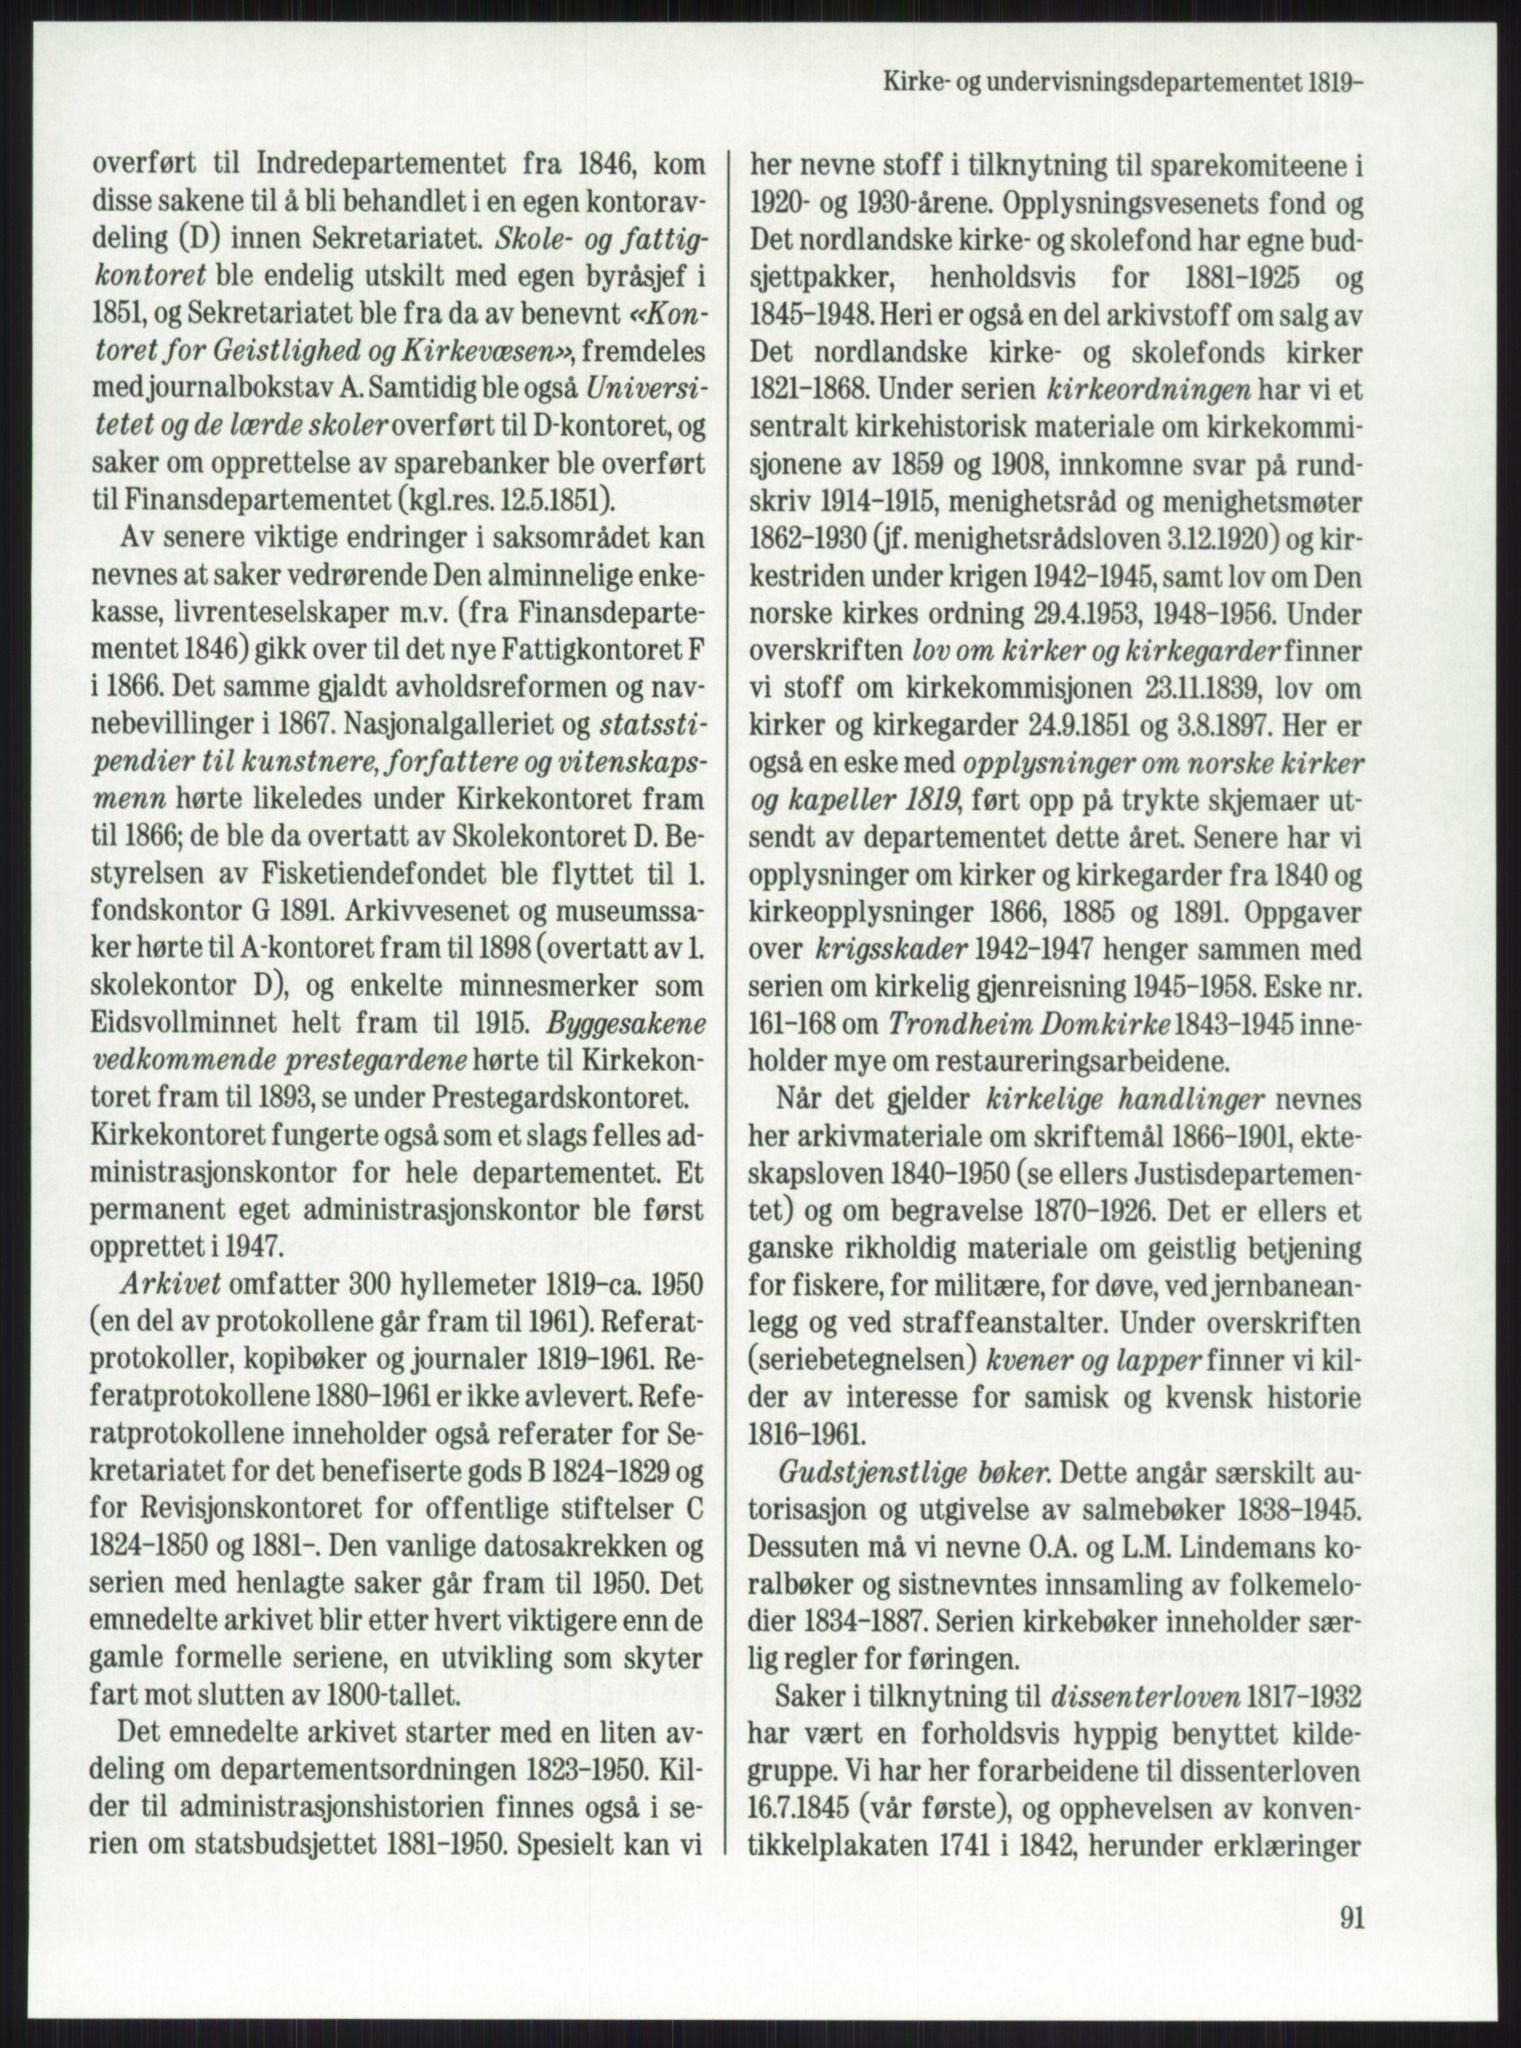 PUBL, Publikasjoner utgitt av Arkivverket, -/-: Knut Johannessen, Ole Kolsrud og Dag Mangset (red.): Håndbok for Riksarkivet (1992), 1992, s. 91